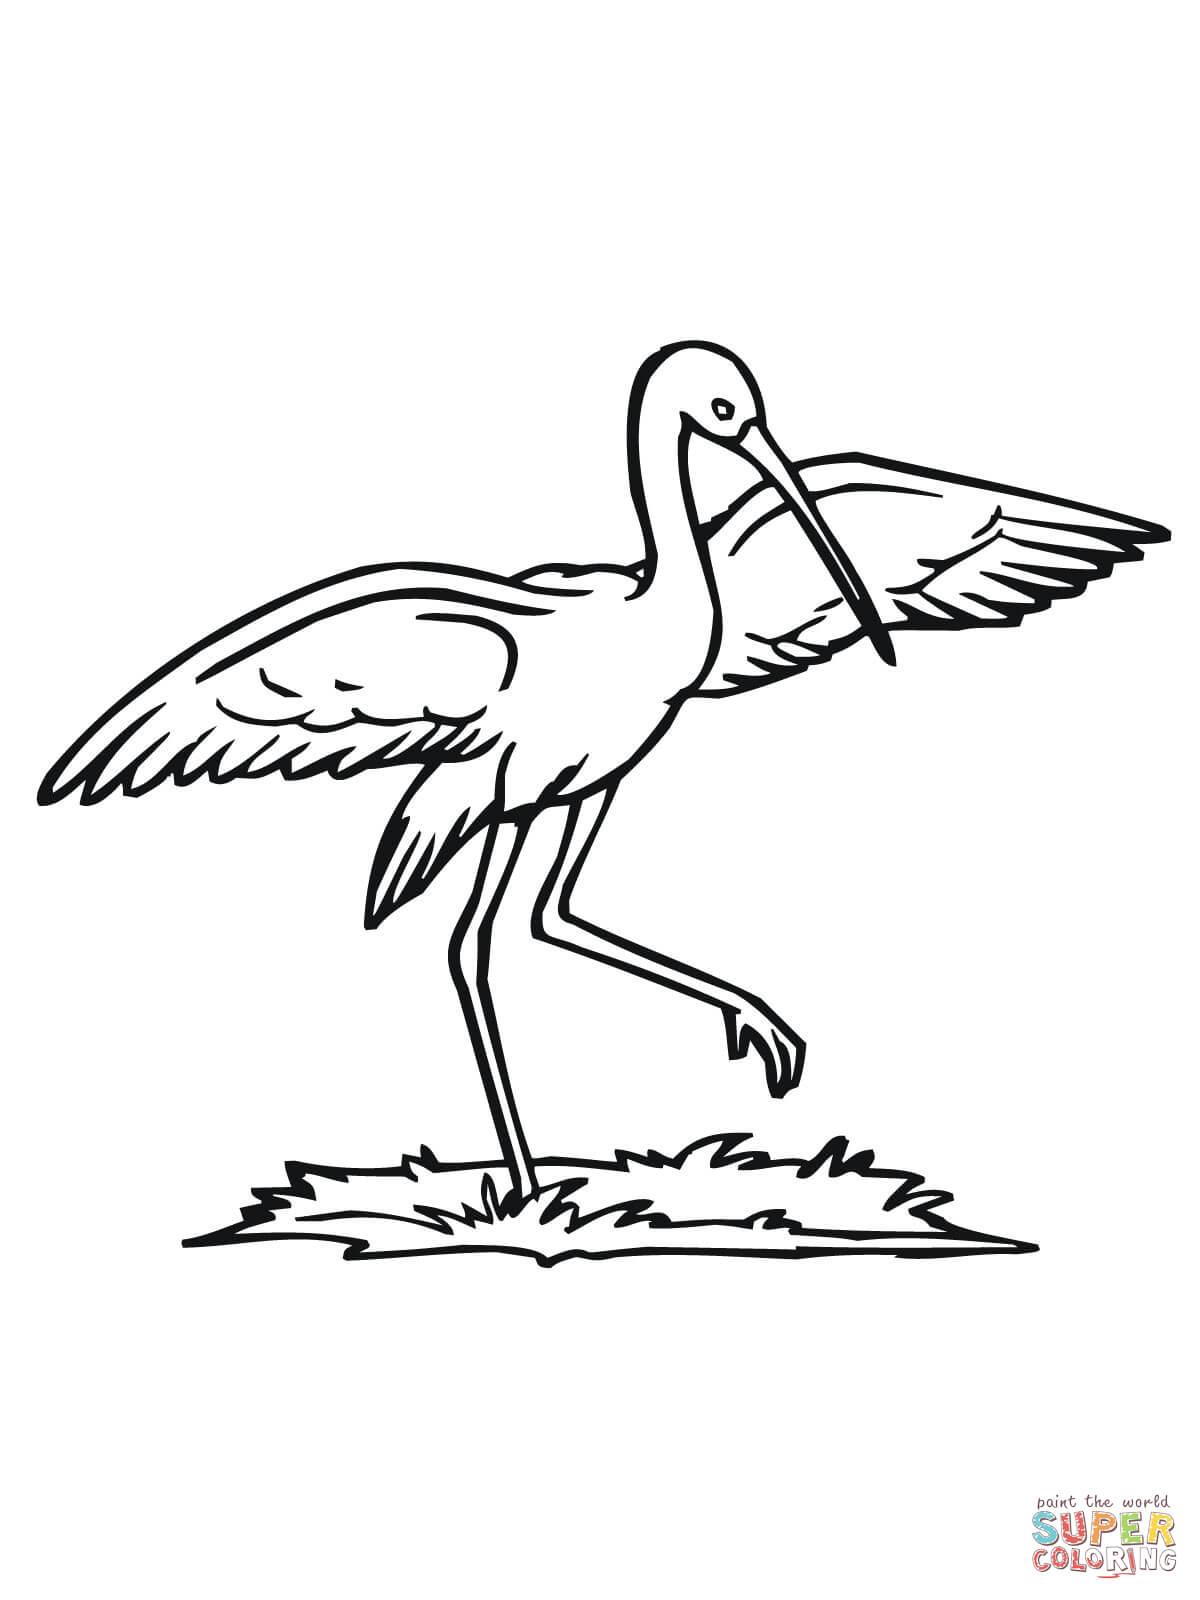 Stork coloring #7, Download drawings